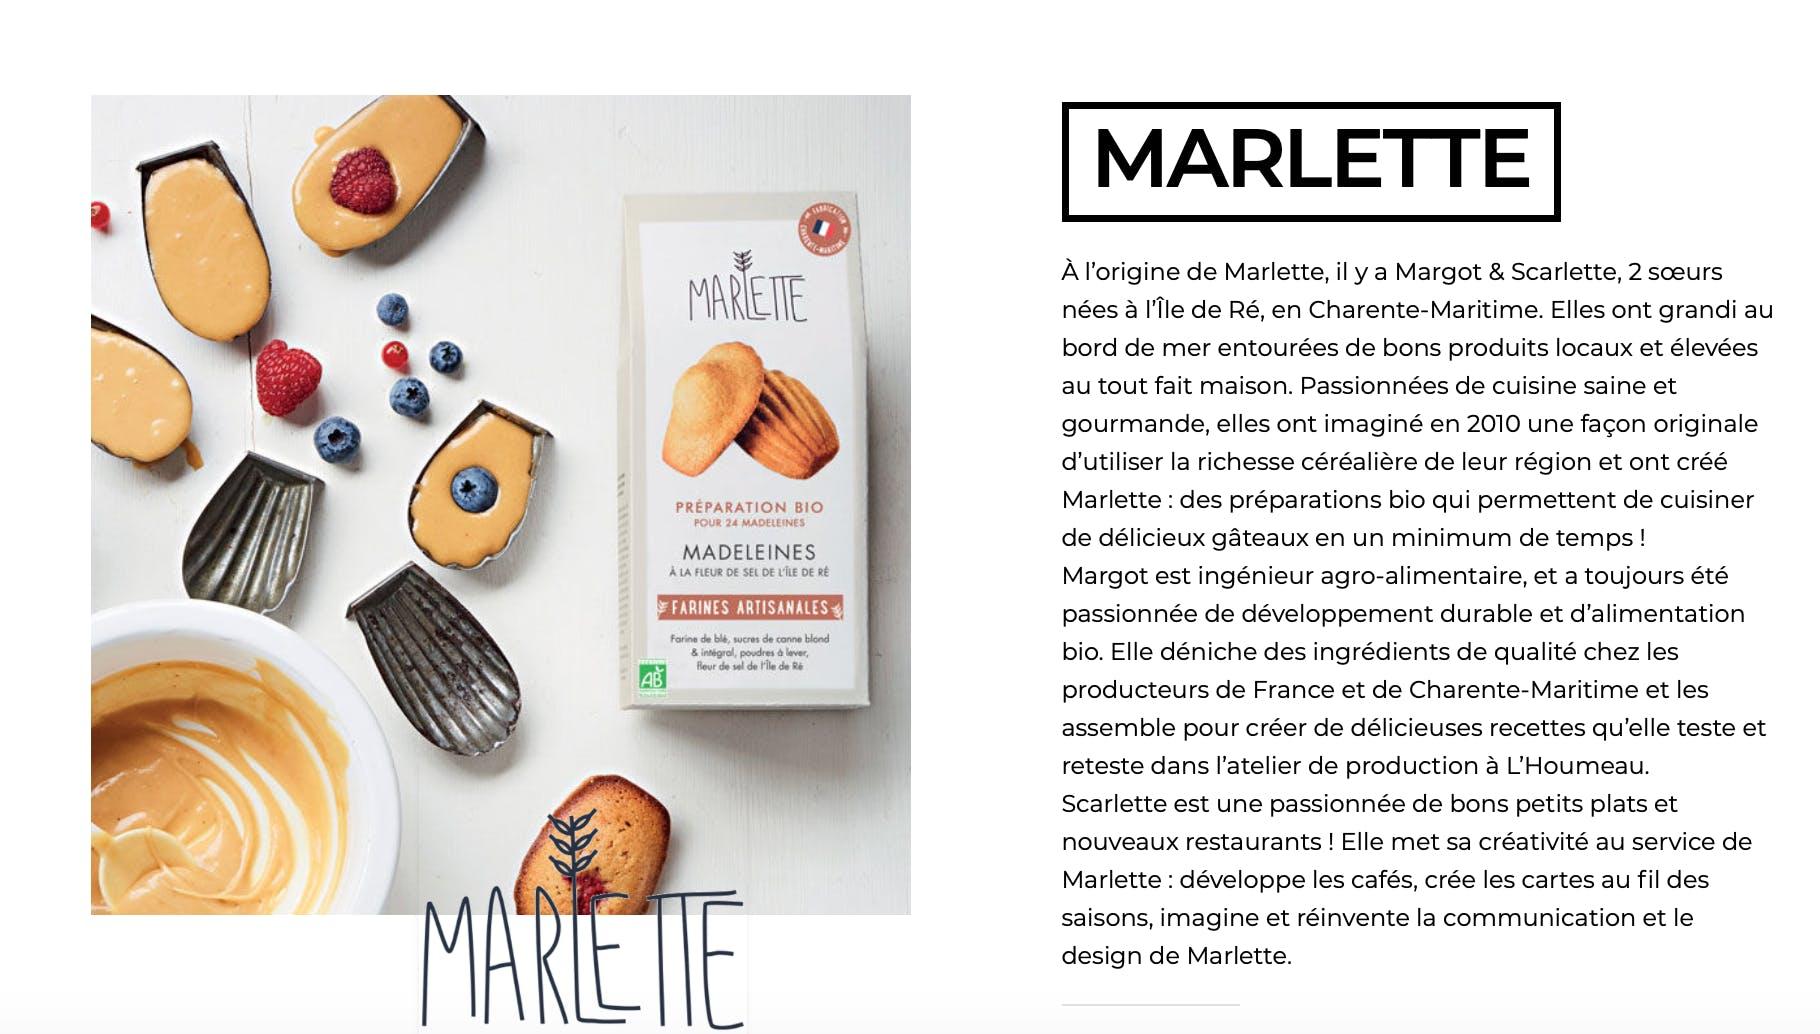 Fiche produit Marlette